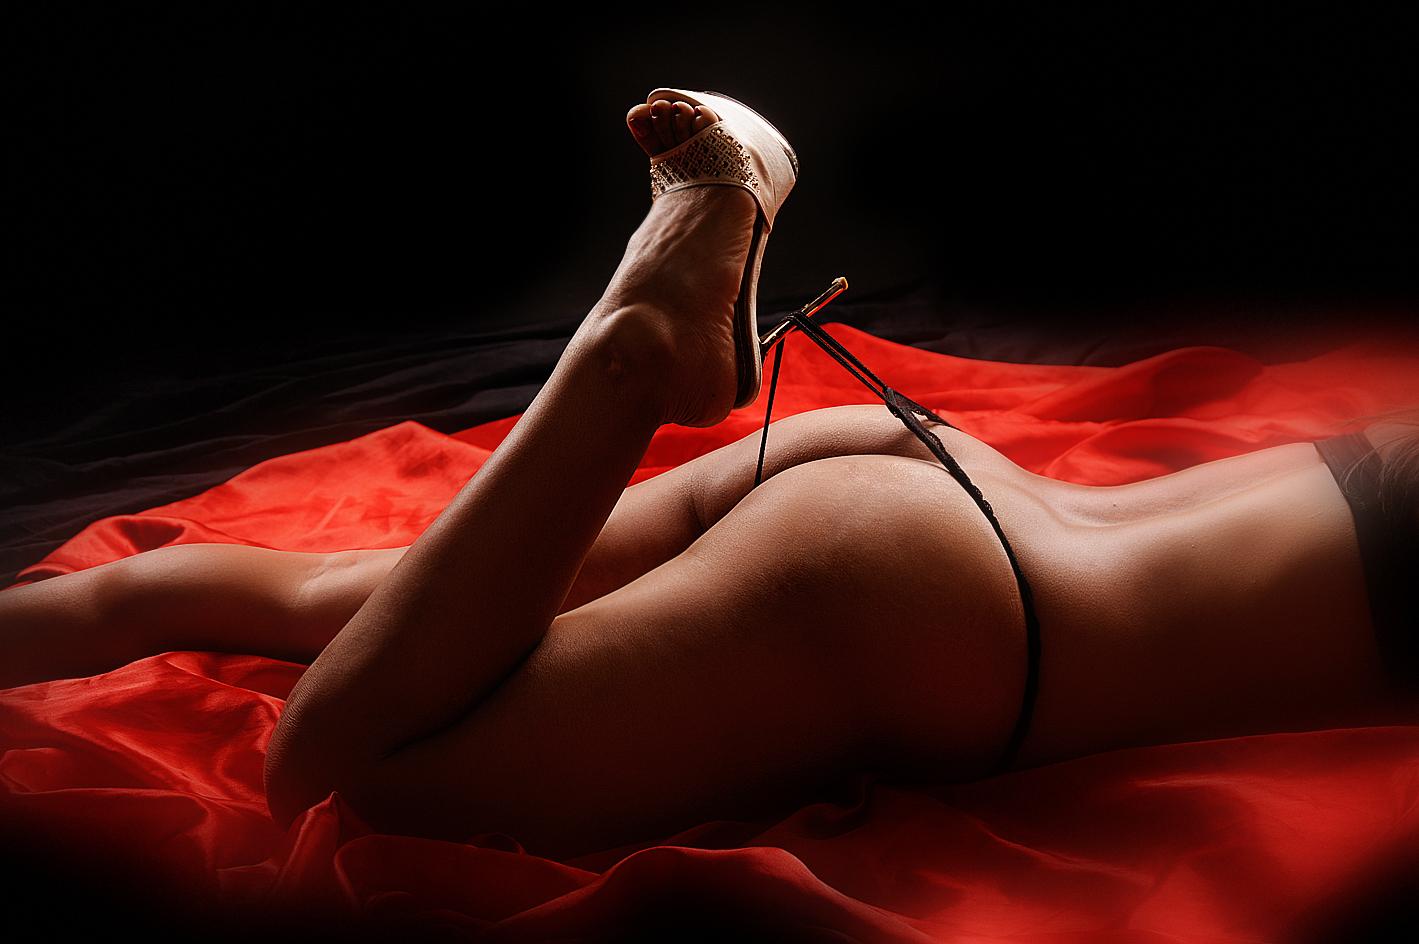 erotik hörspiele erotische massage in frankfurt